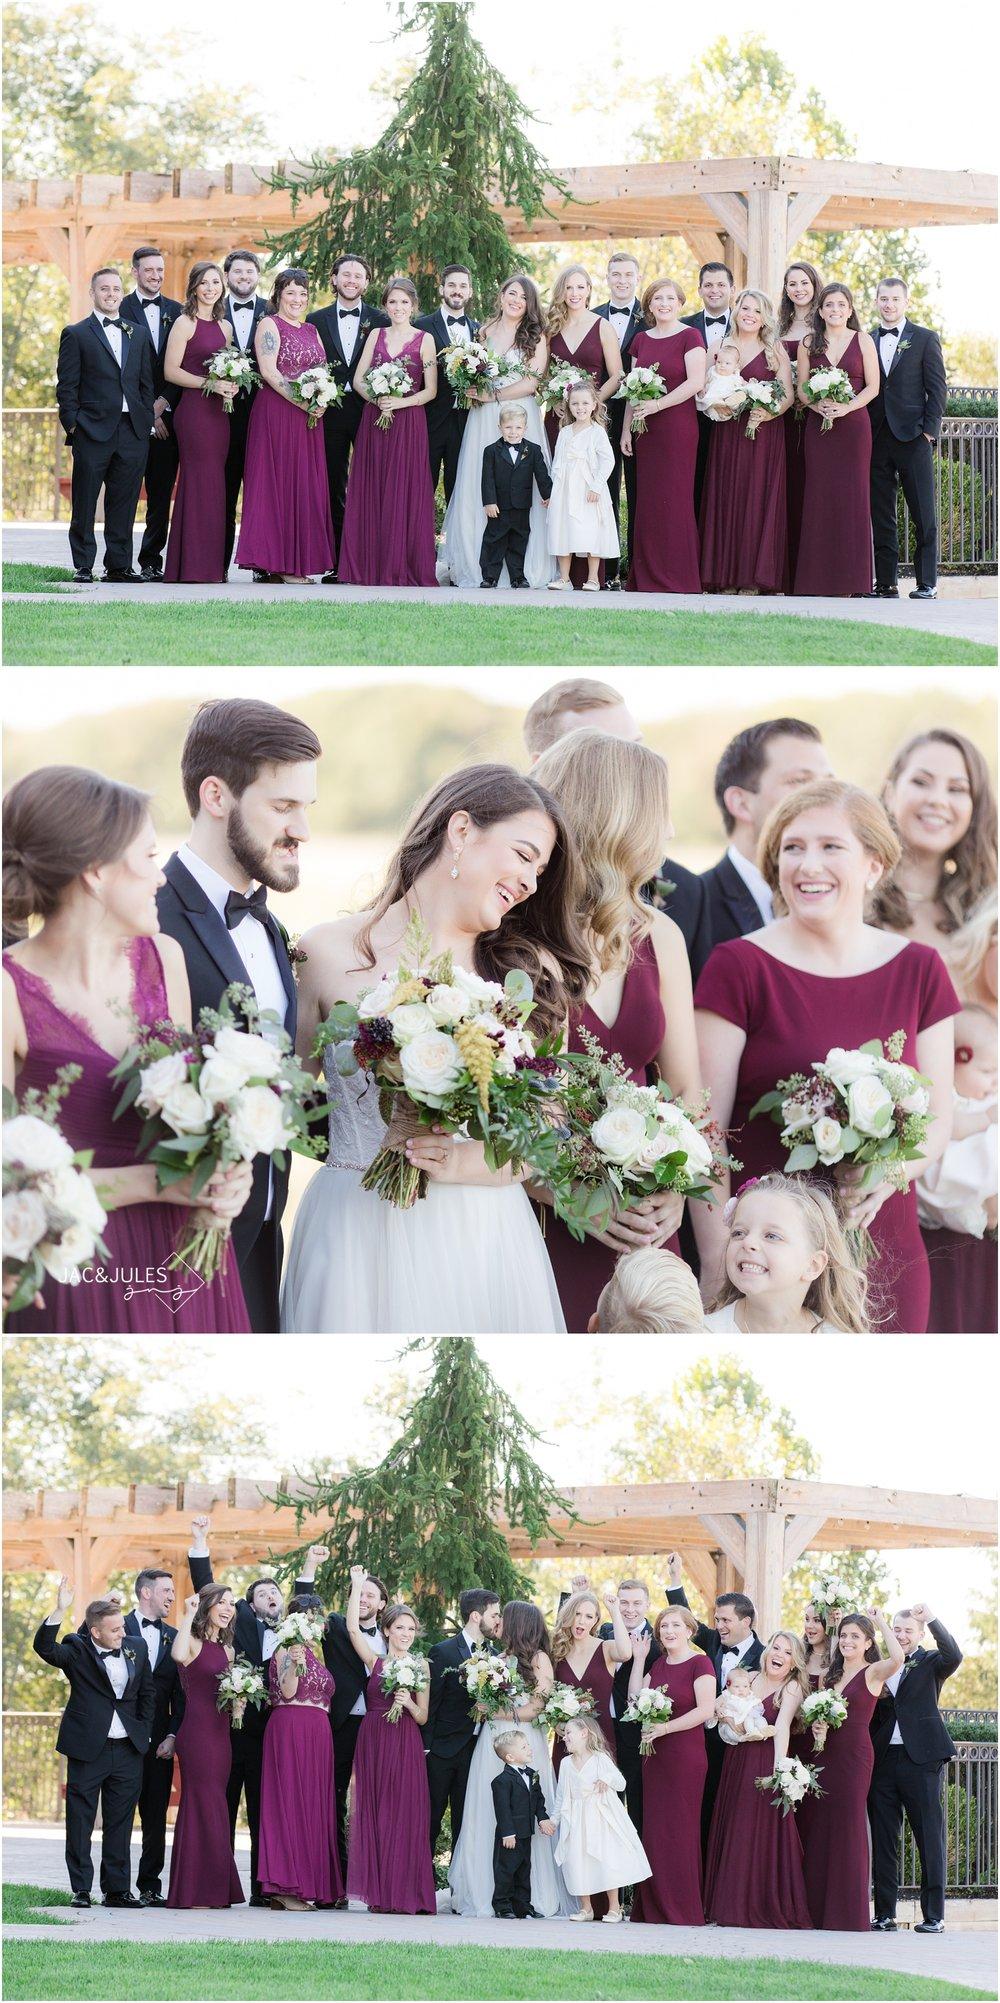 Bridal party wedding photos at Laurita Winery.